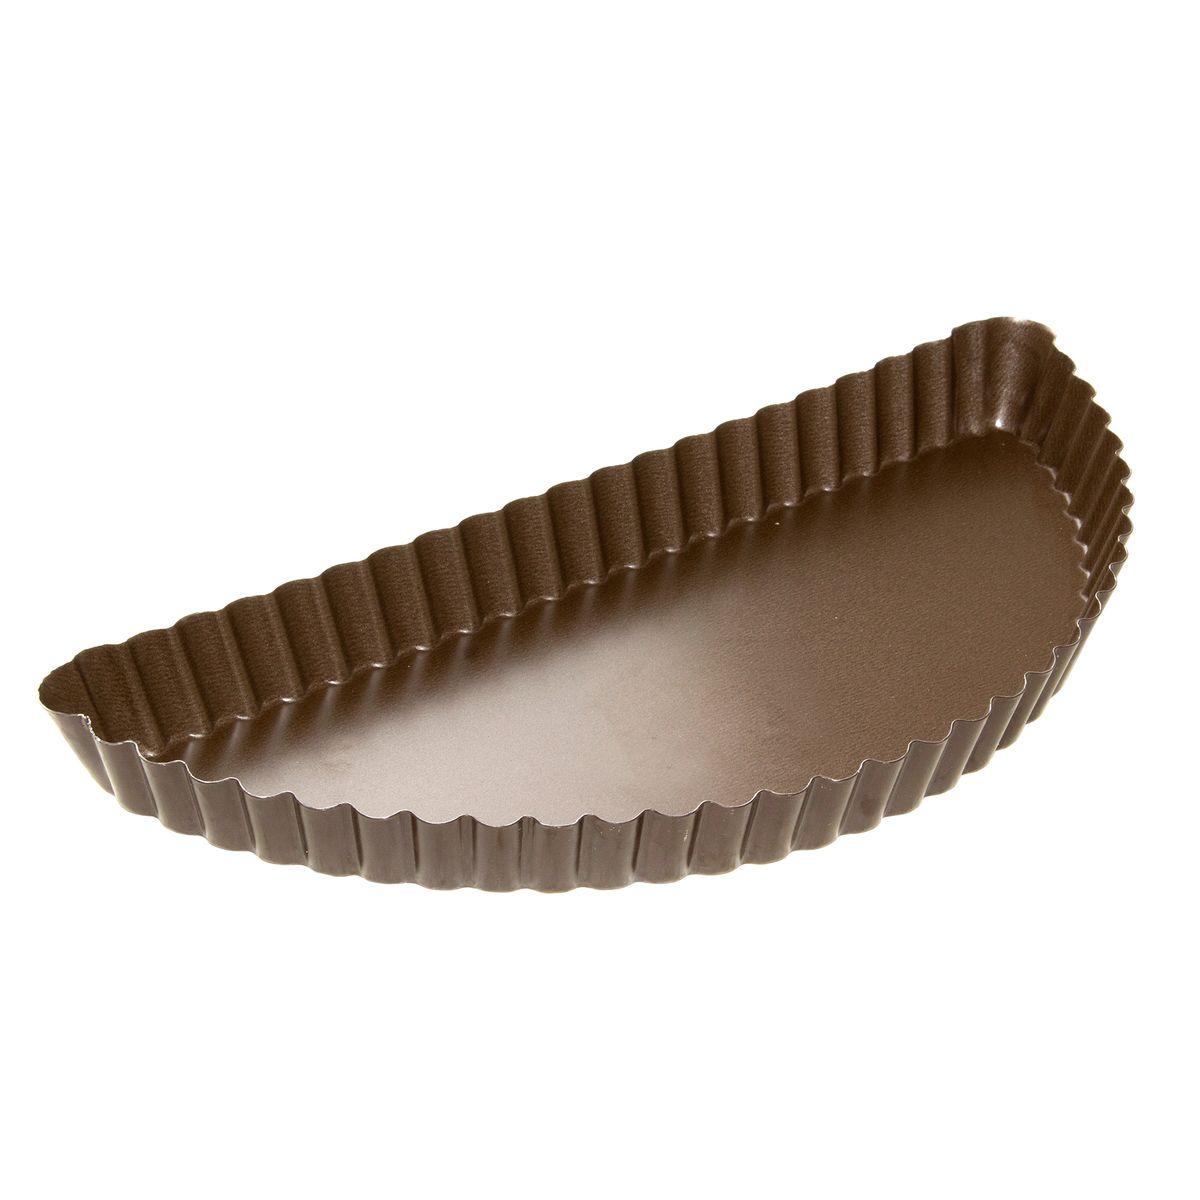 Moule à demi tarte à bords cannelés en métal anti adhérent 4/6 parts 28 cm - Alice Délice